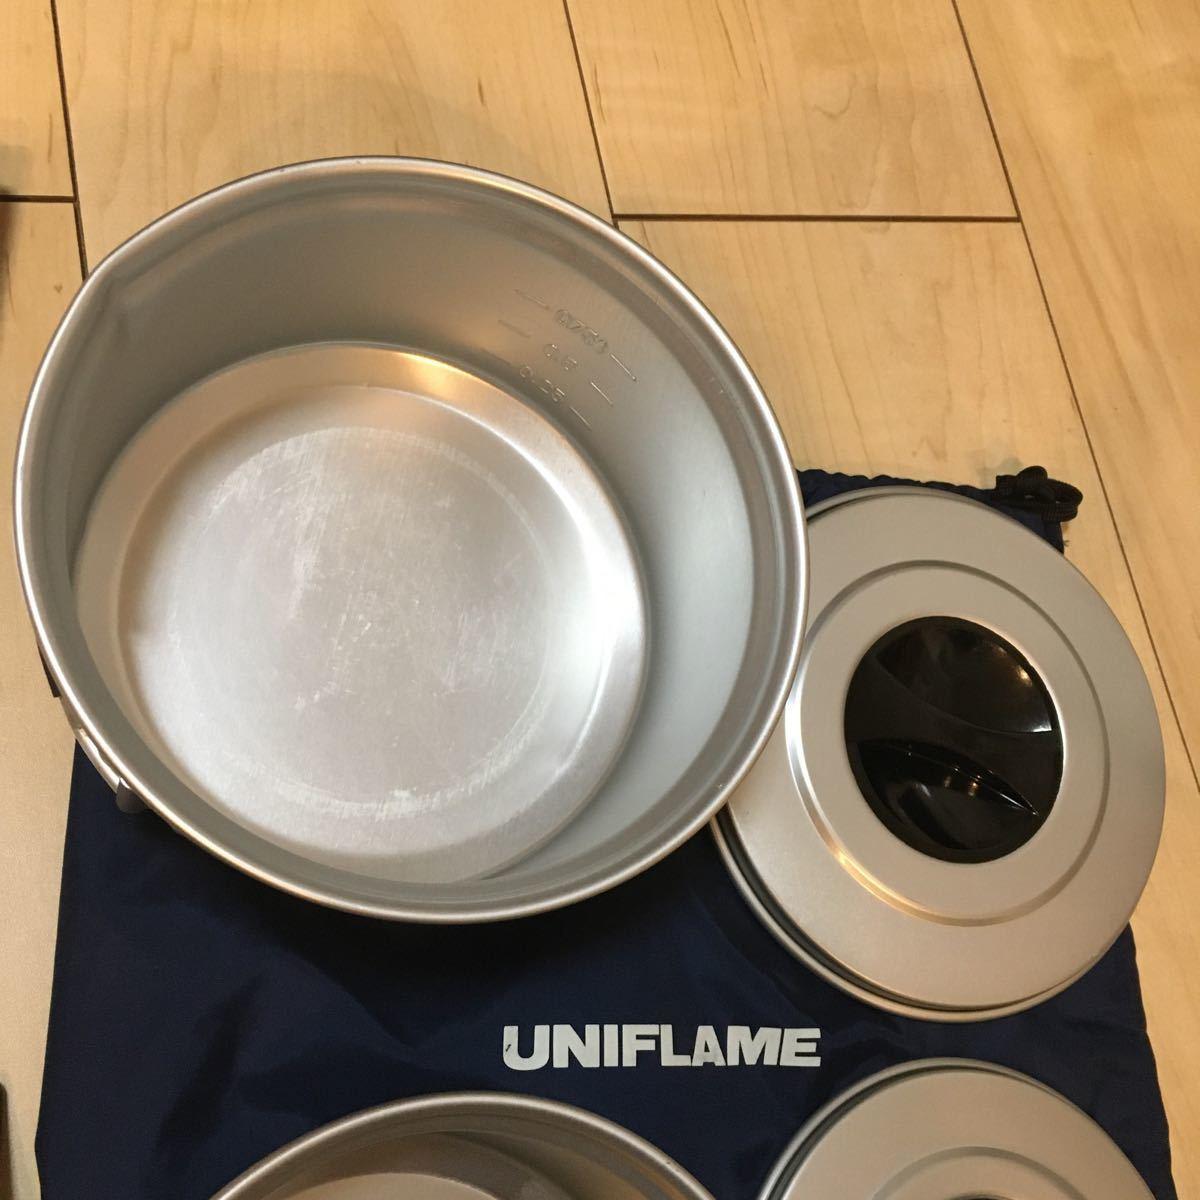 ユニフレーム UNIFLAME ヤマトクッカーS 旧型 キッチンツール 薪バサミ